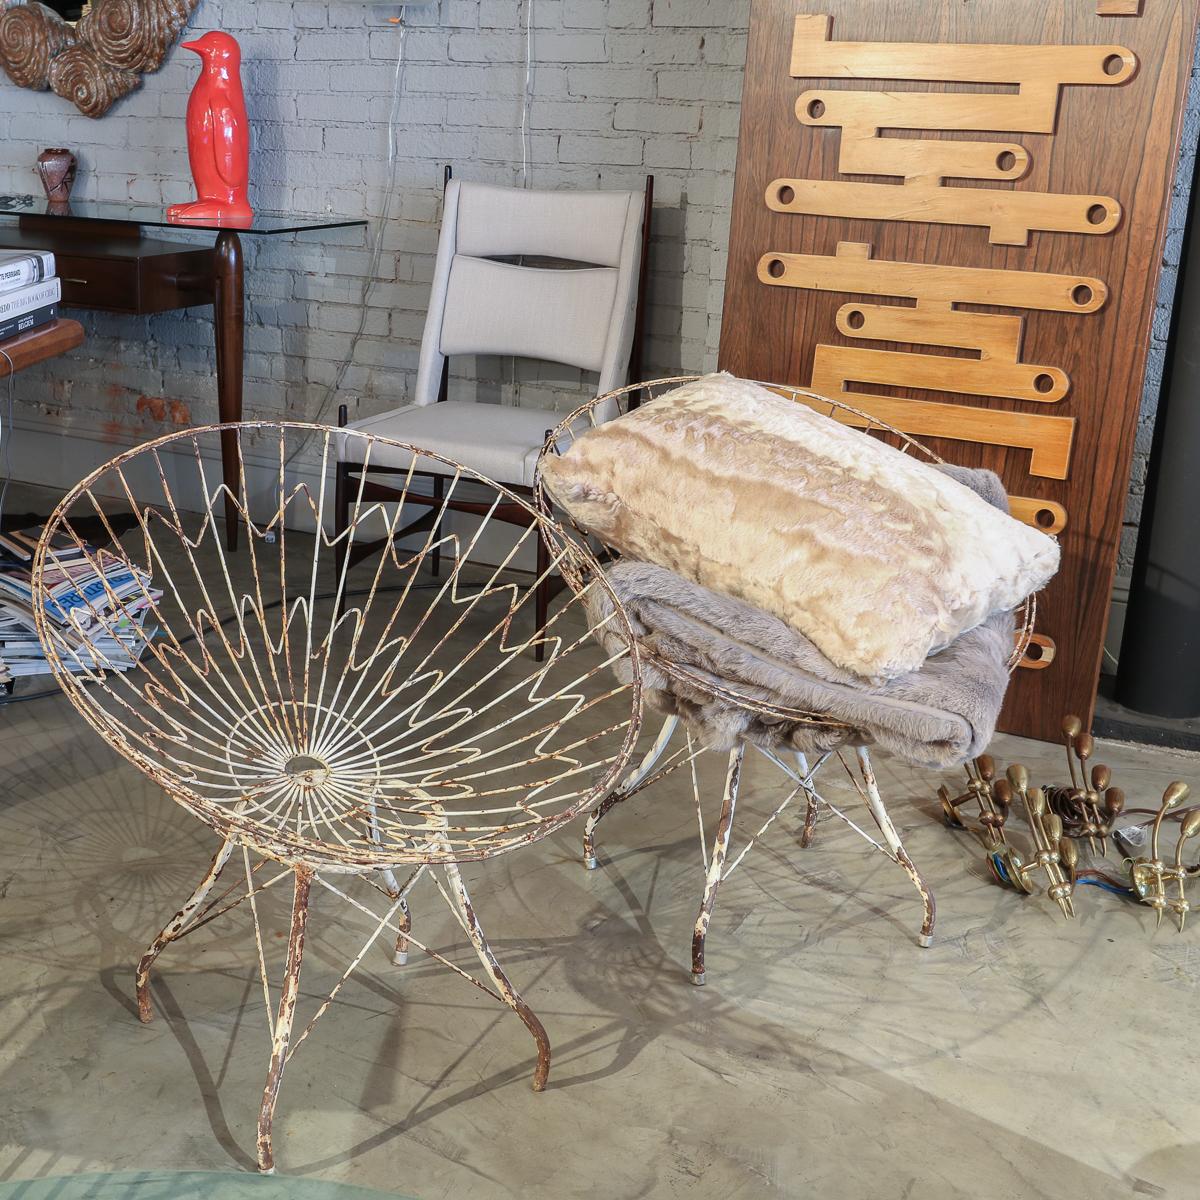 Metal garden chairs.  #adessoimports #midcenturymodern   #interiordesign #midcenturystyle #midcenturyfurniture #modernism #midcenturydecor #midcenturyhome #vintagefurniture #homeinspiration #homeinspo #homedecor #designinspo #interiors #interiordecorating #interiorinspiration pic.twitter.com/s9vdWLp9Kj